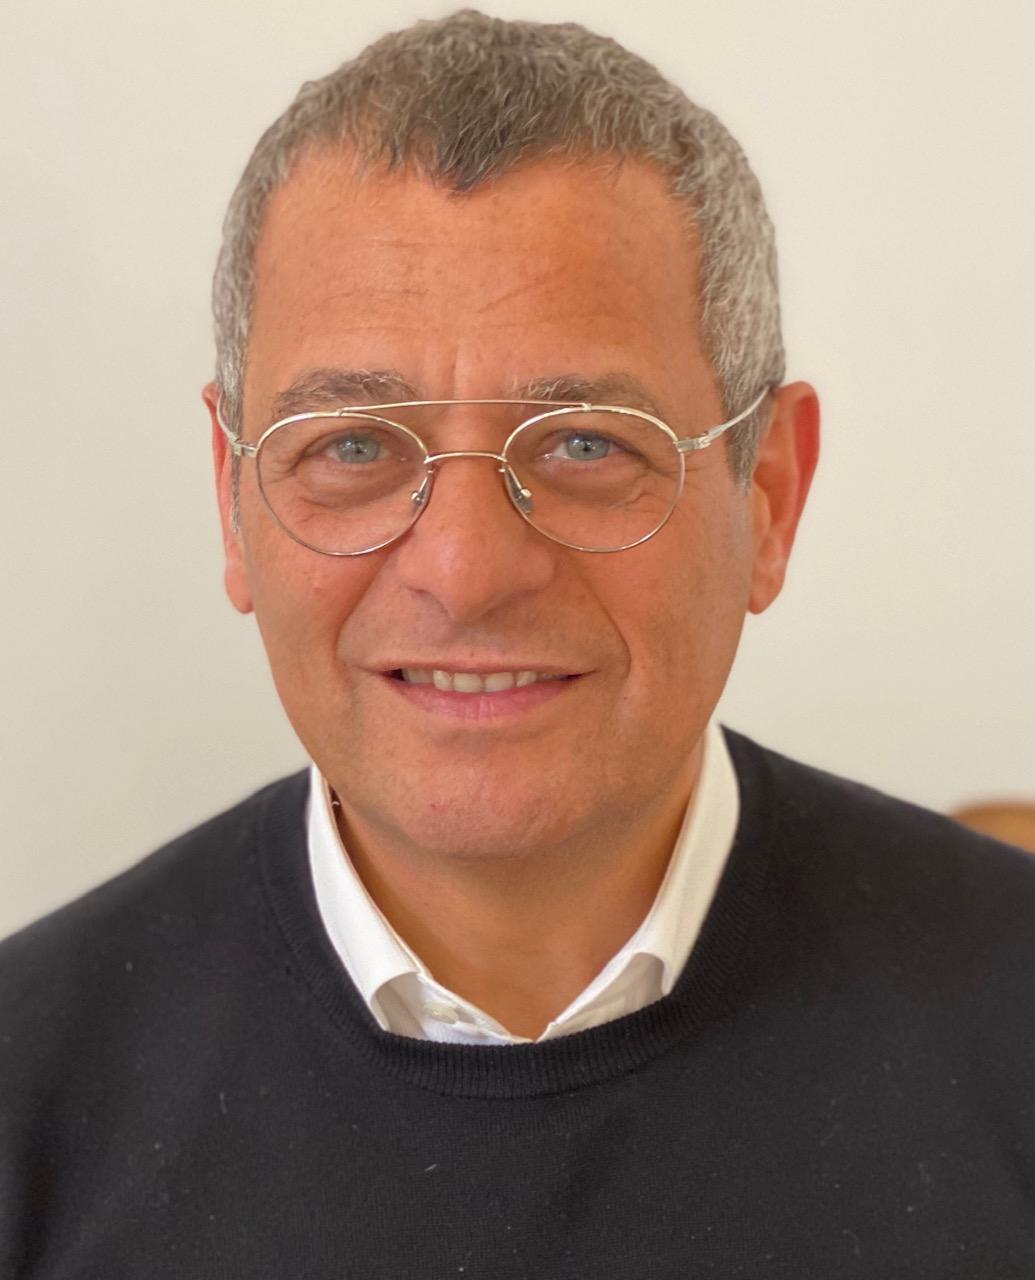 Dr Marc Slama, chirurgien au Centre Marais Chirurgie Paris